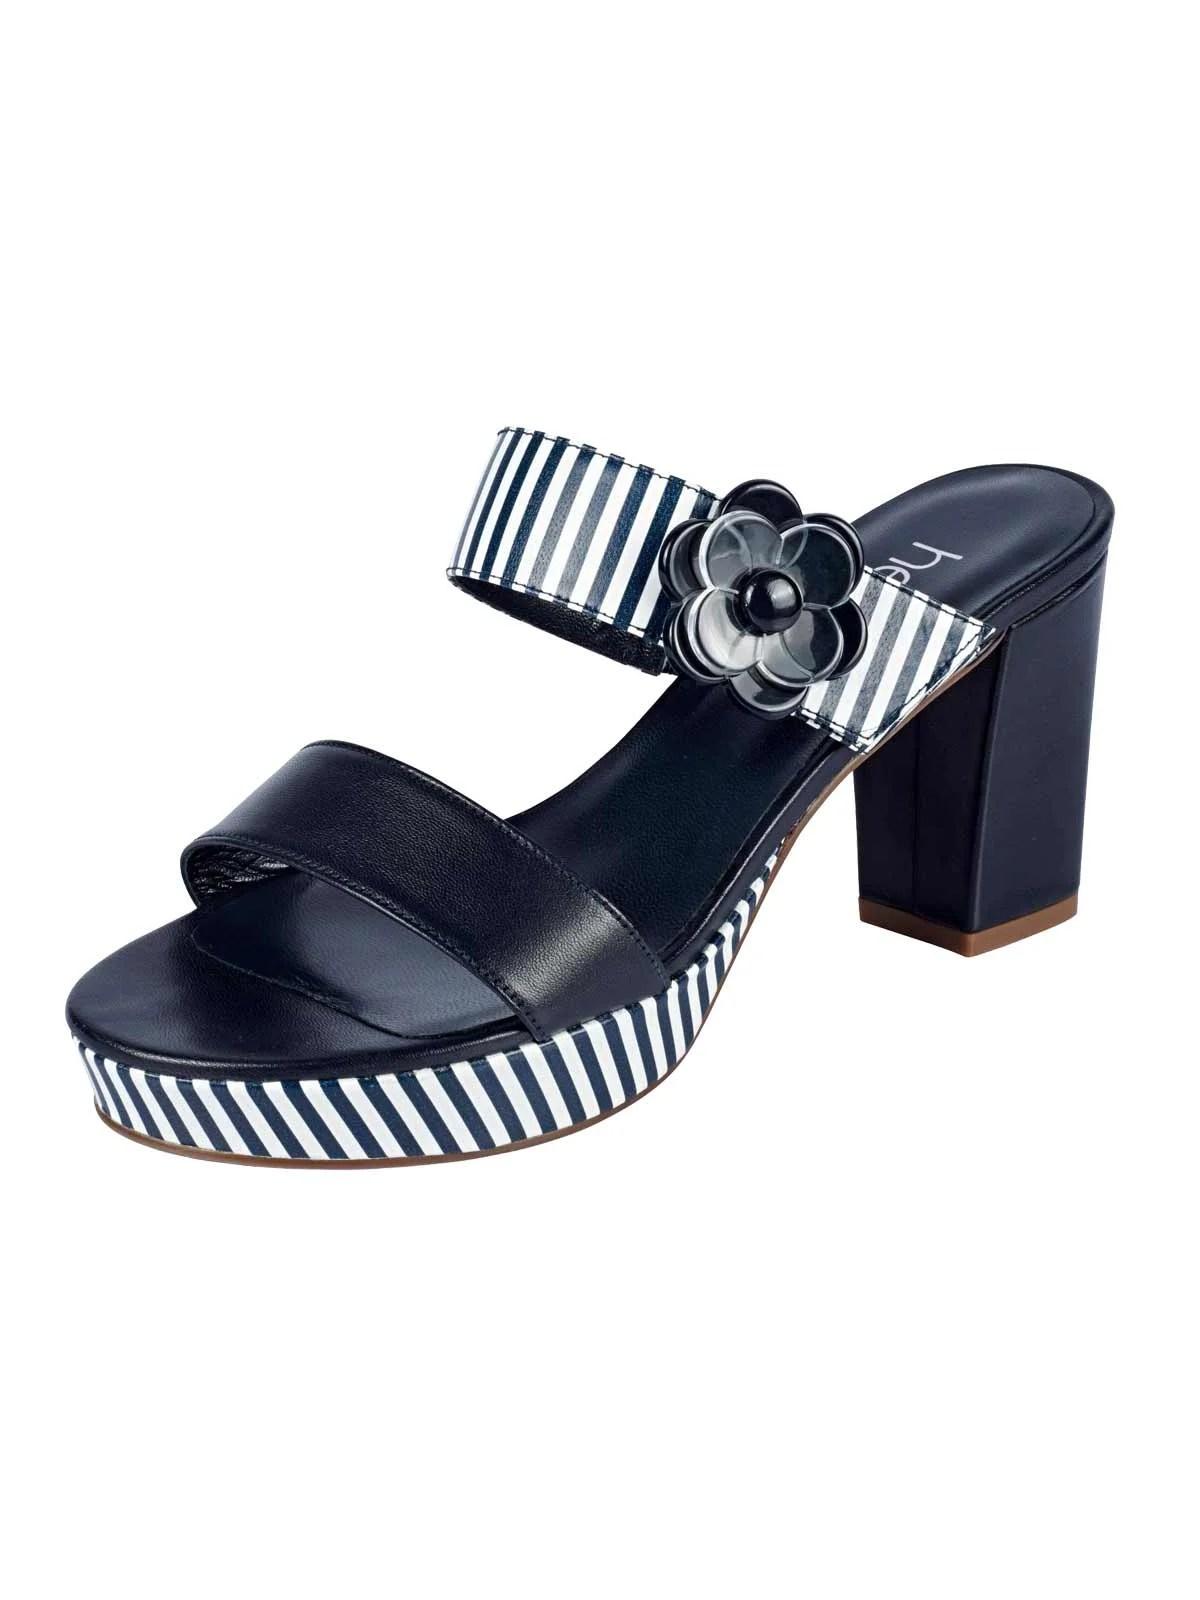 609.595 HEINE Damen Designer-Leder-Pantolette Marine-Weiß